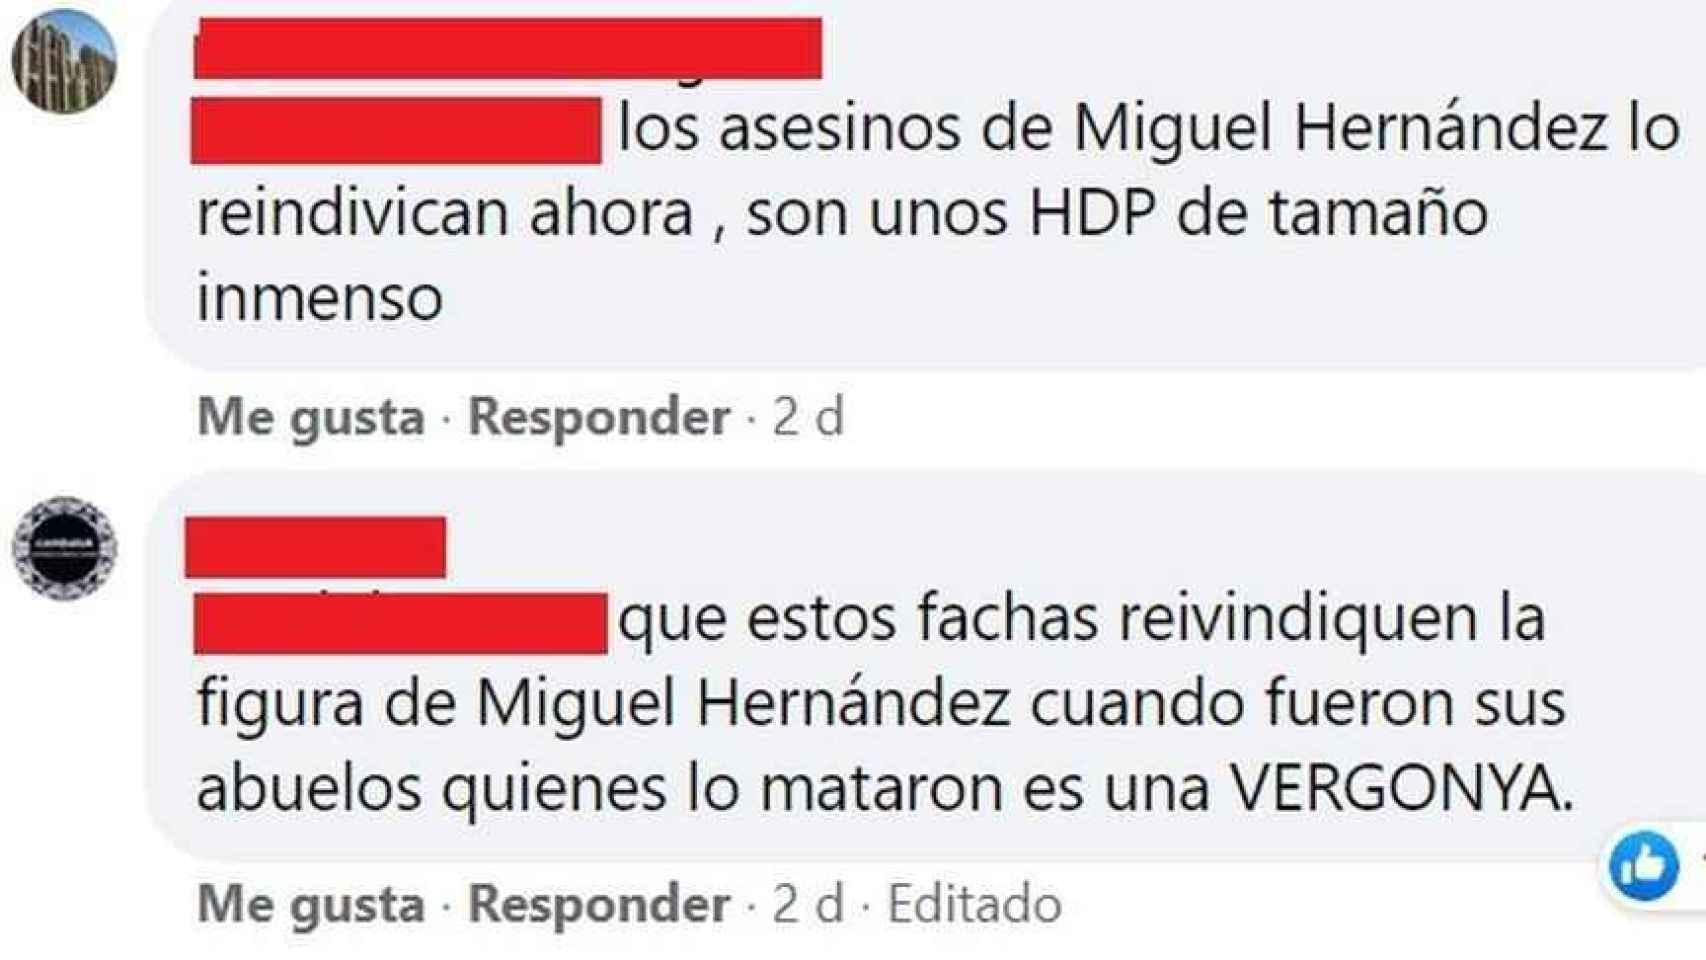 Insultos contra los ciudadanos de la Vega Baja en el muro de Facebook de A Punt.